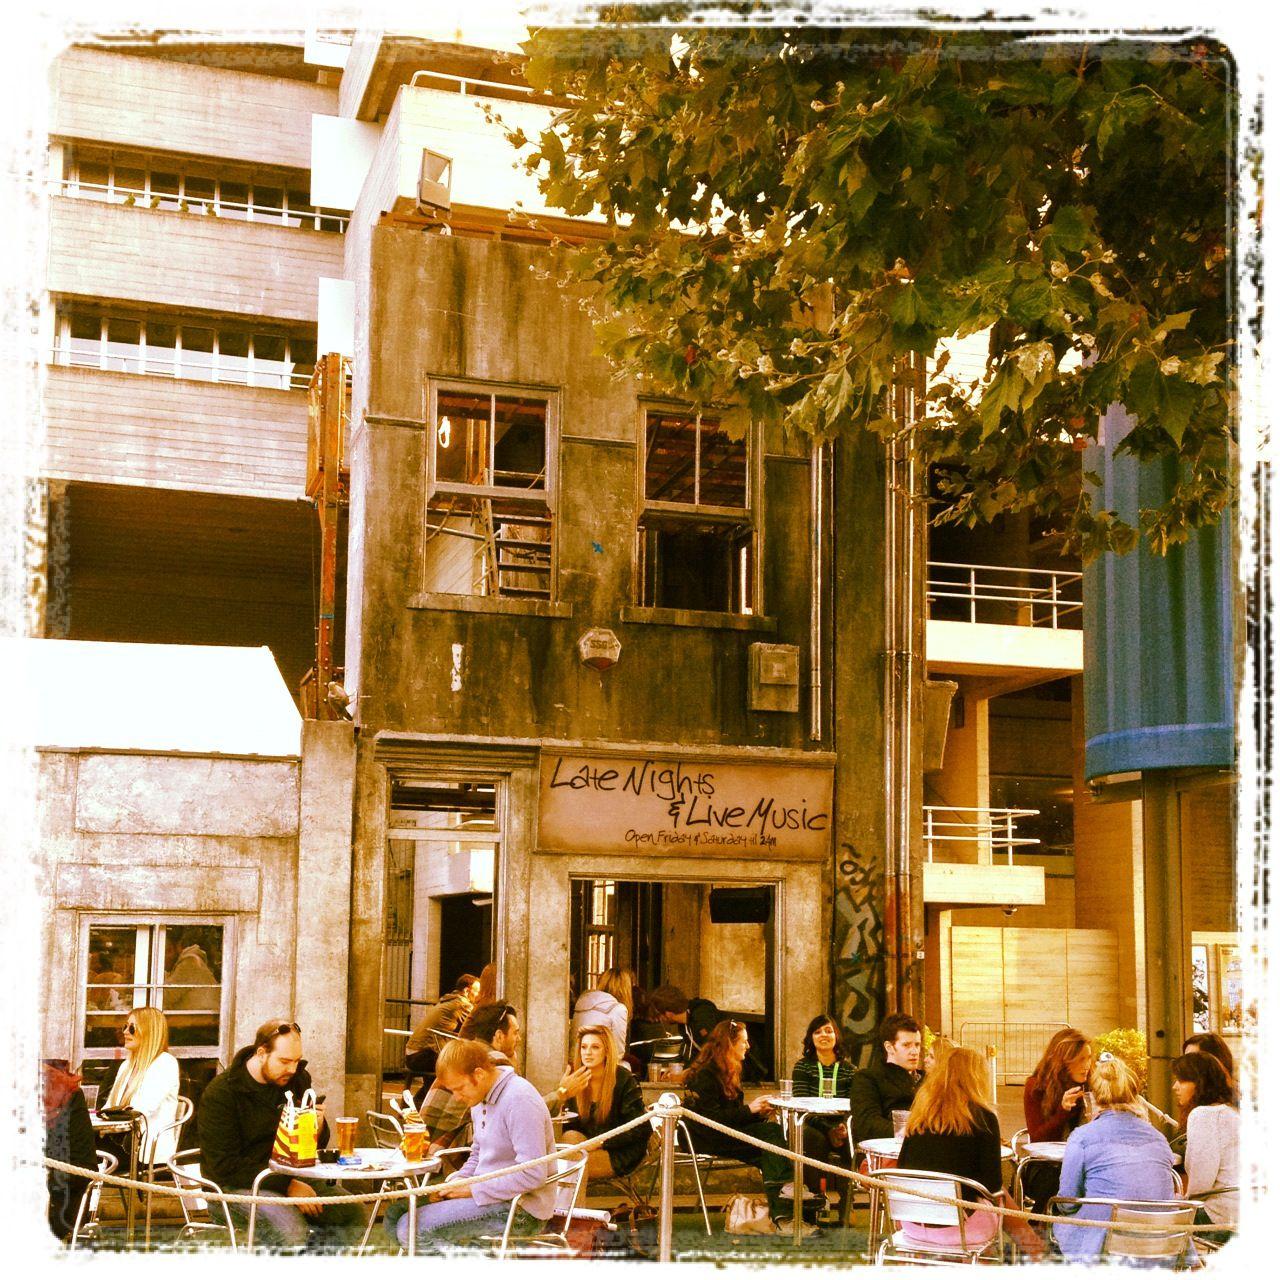 Waterloo bar London, Street view, Scenes